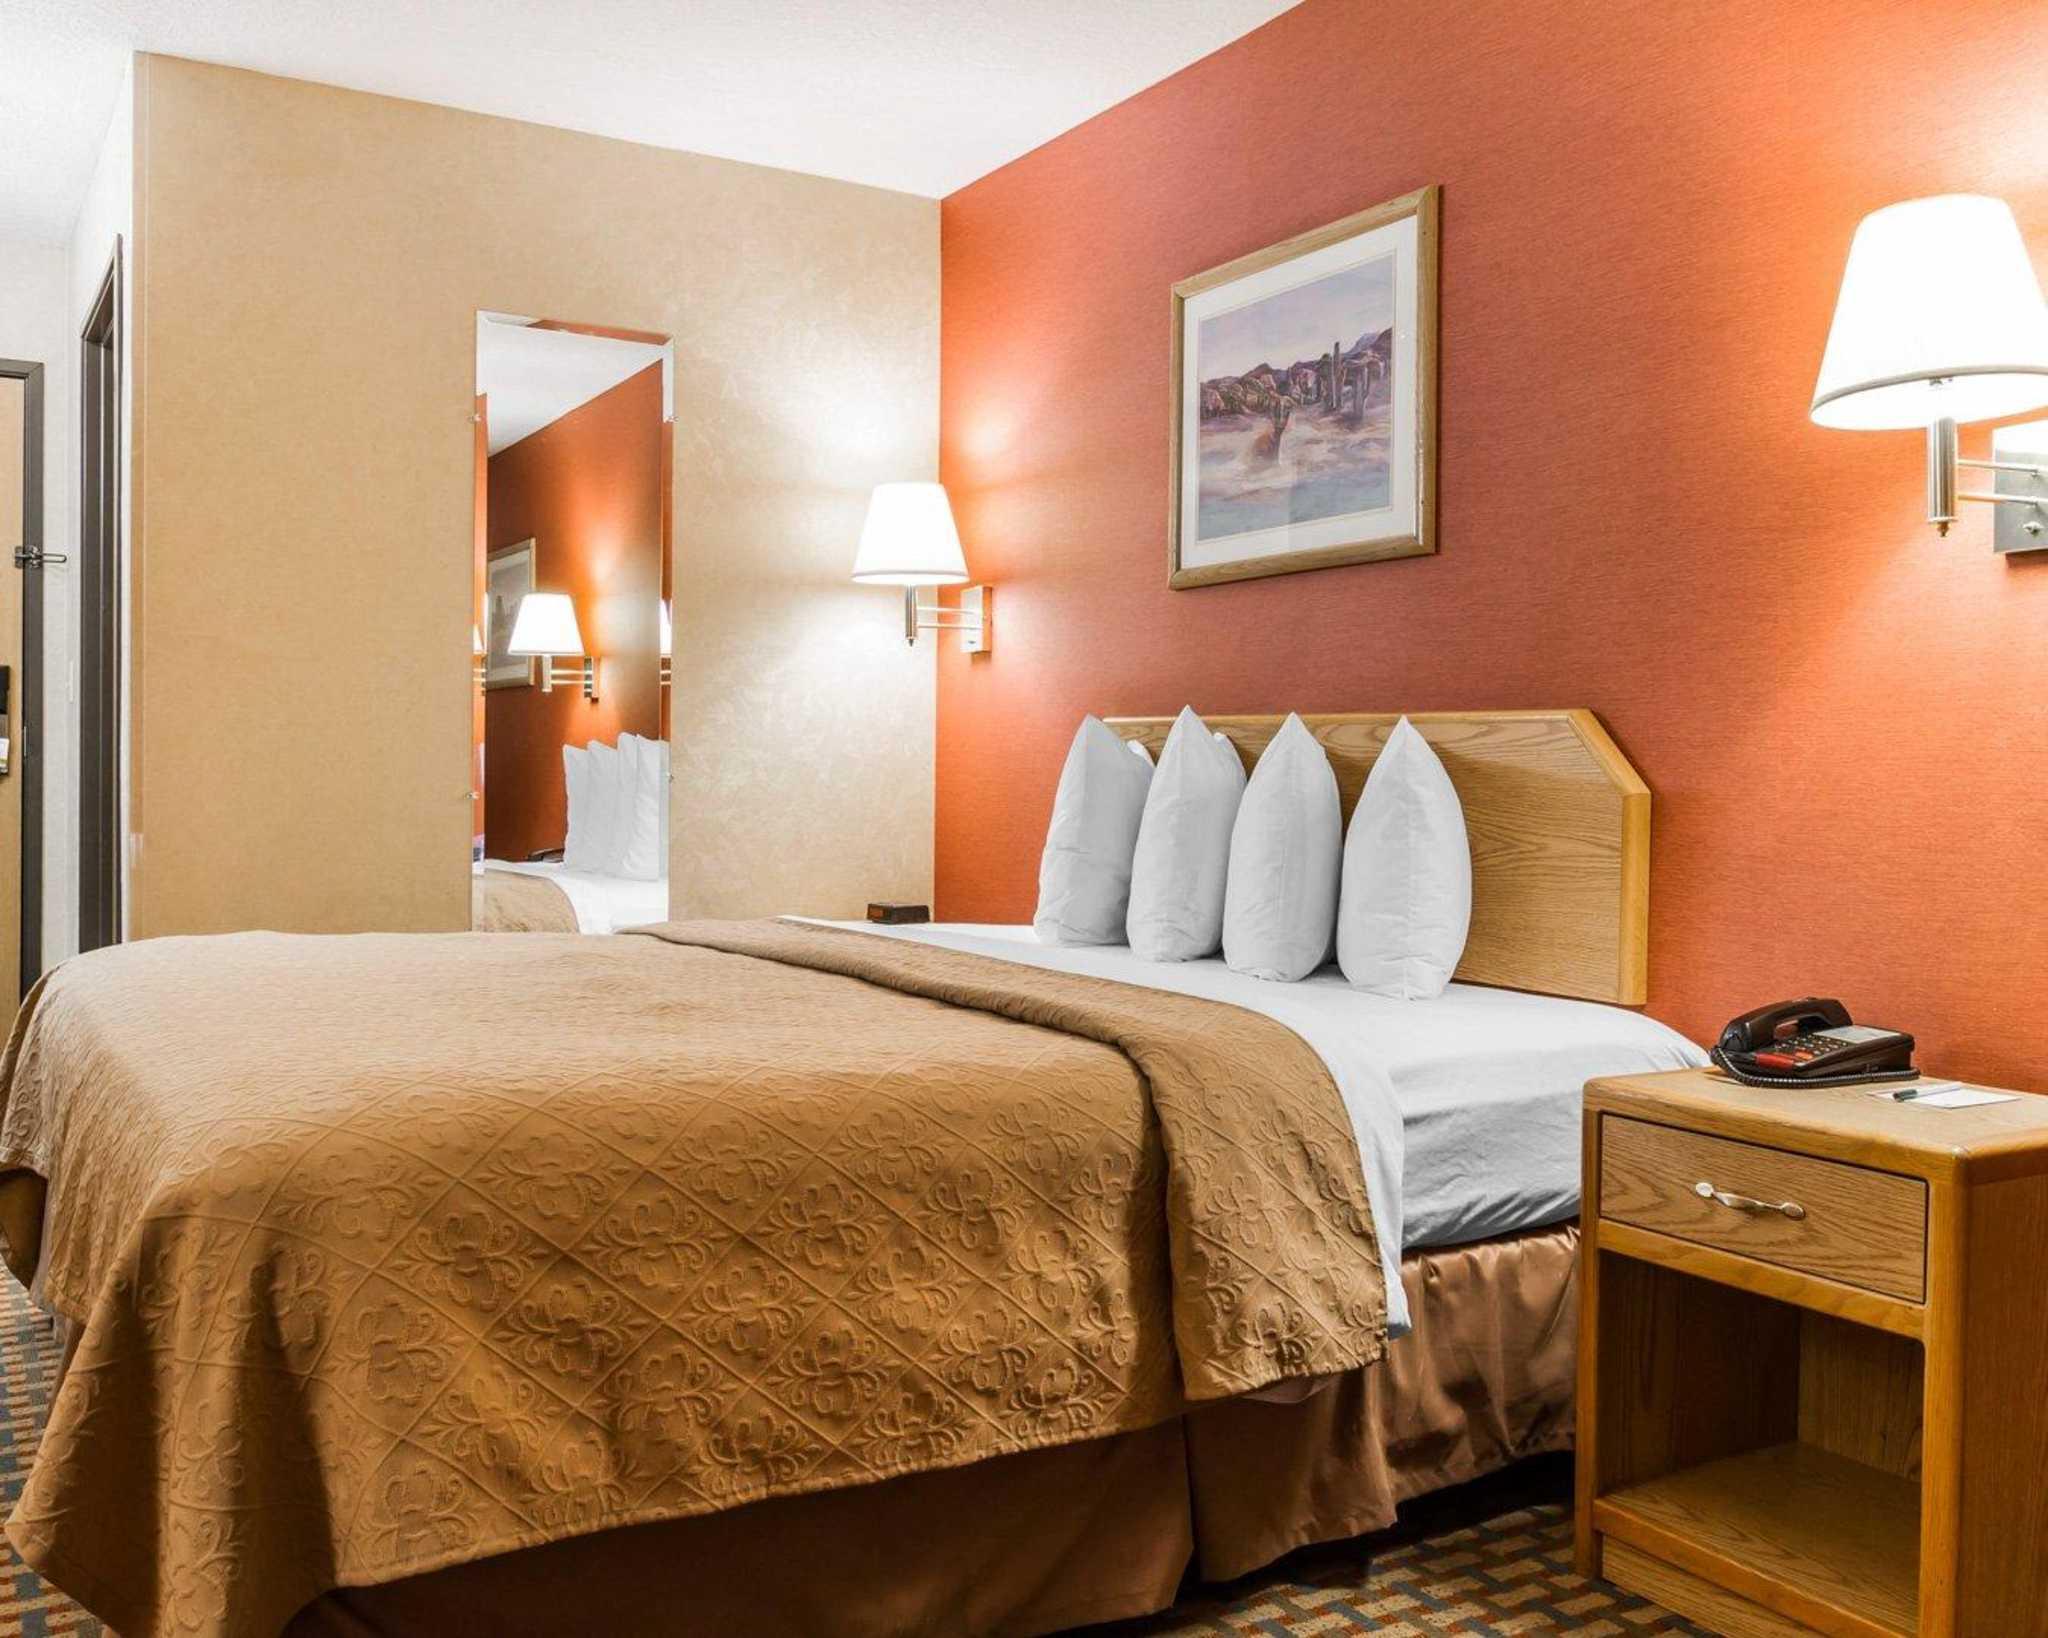 Quality Inn & Suites Surprise Near Sun City West image 12